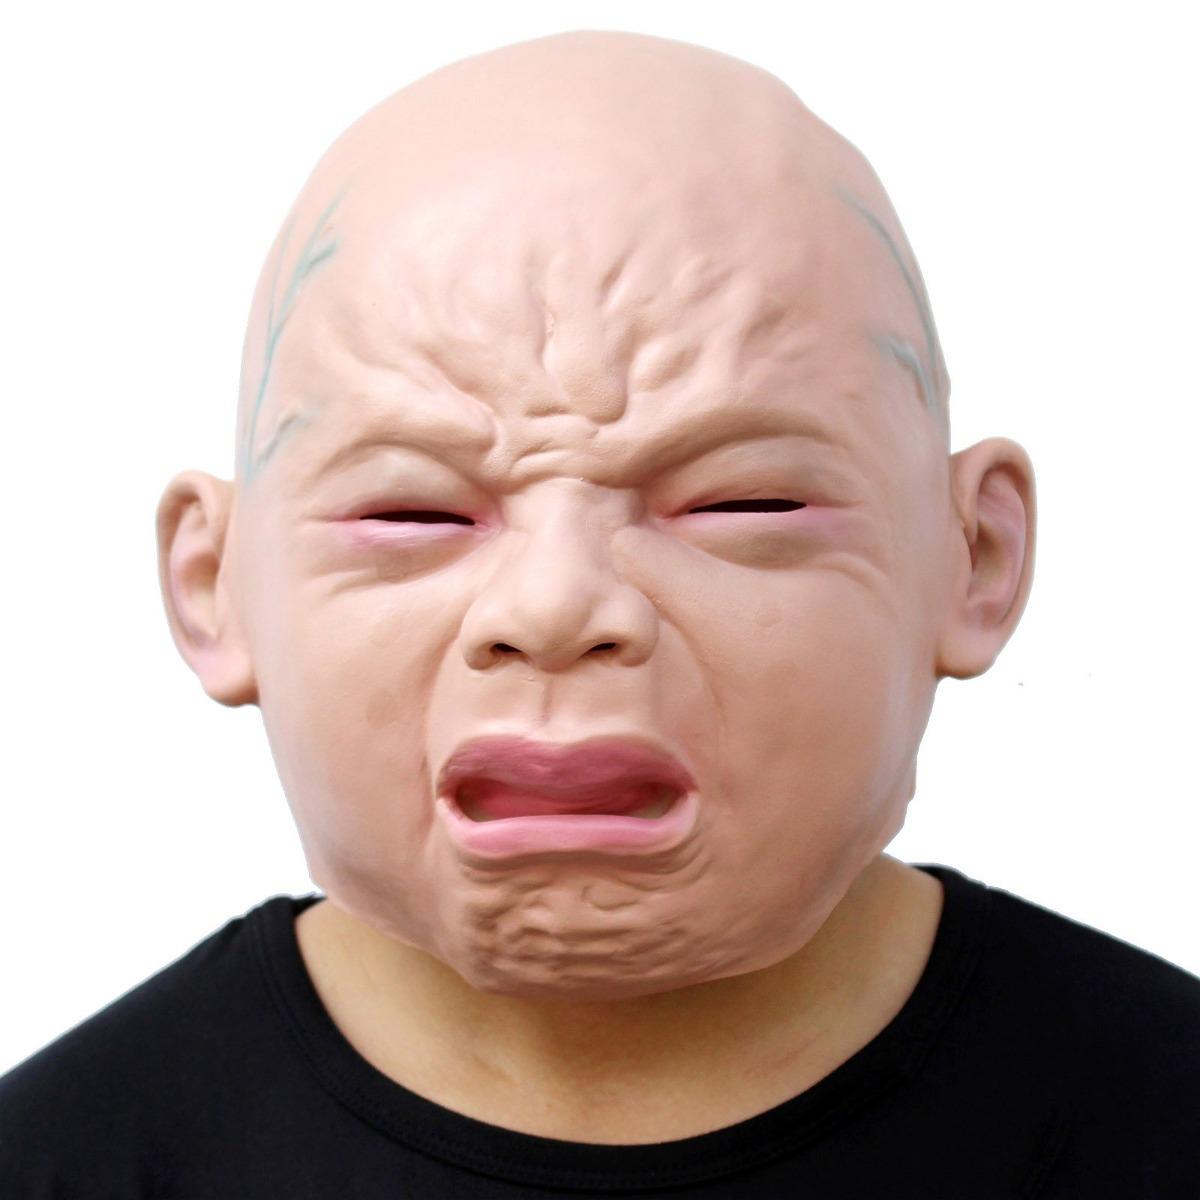 Máscara De Cara De Bebé Llorón Difraz Halloween Adultos 44900